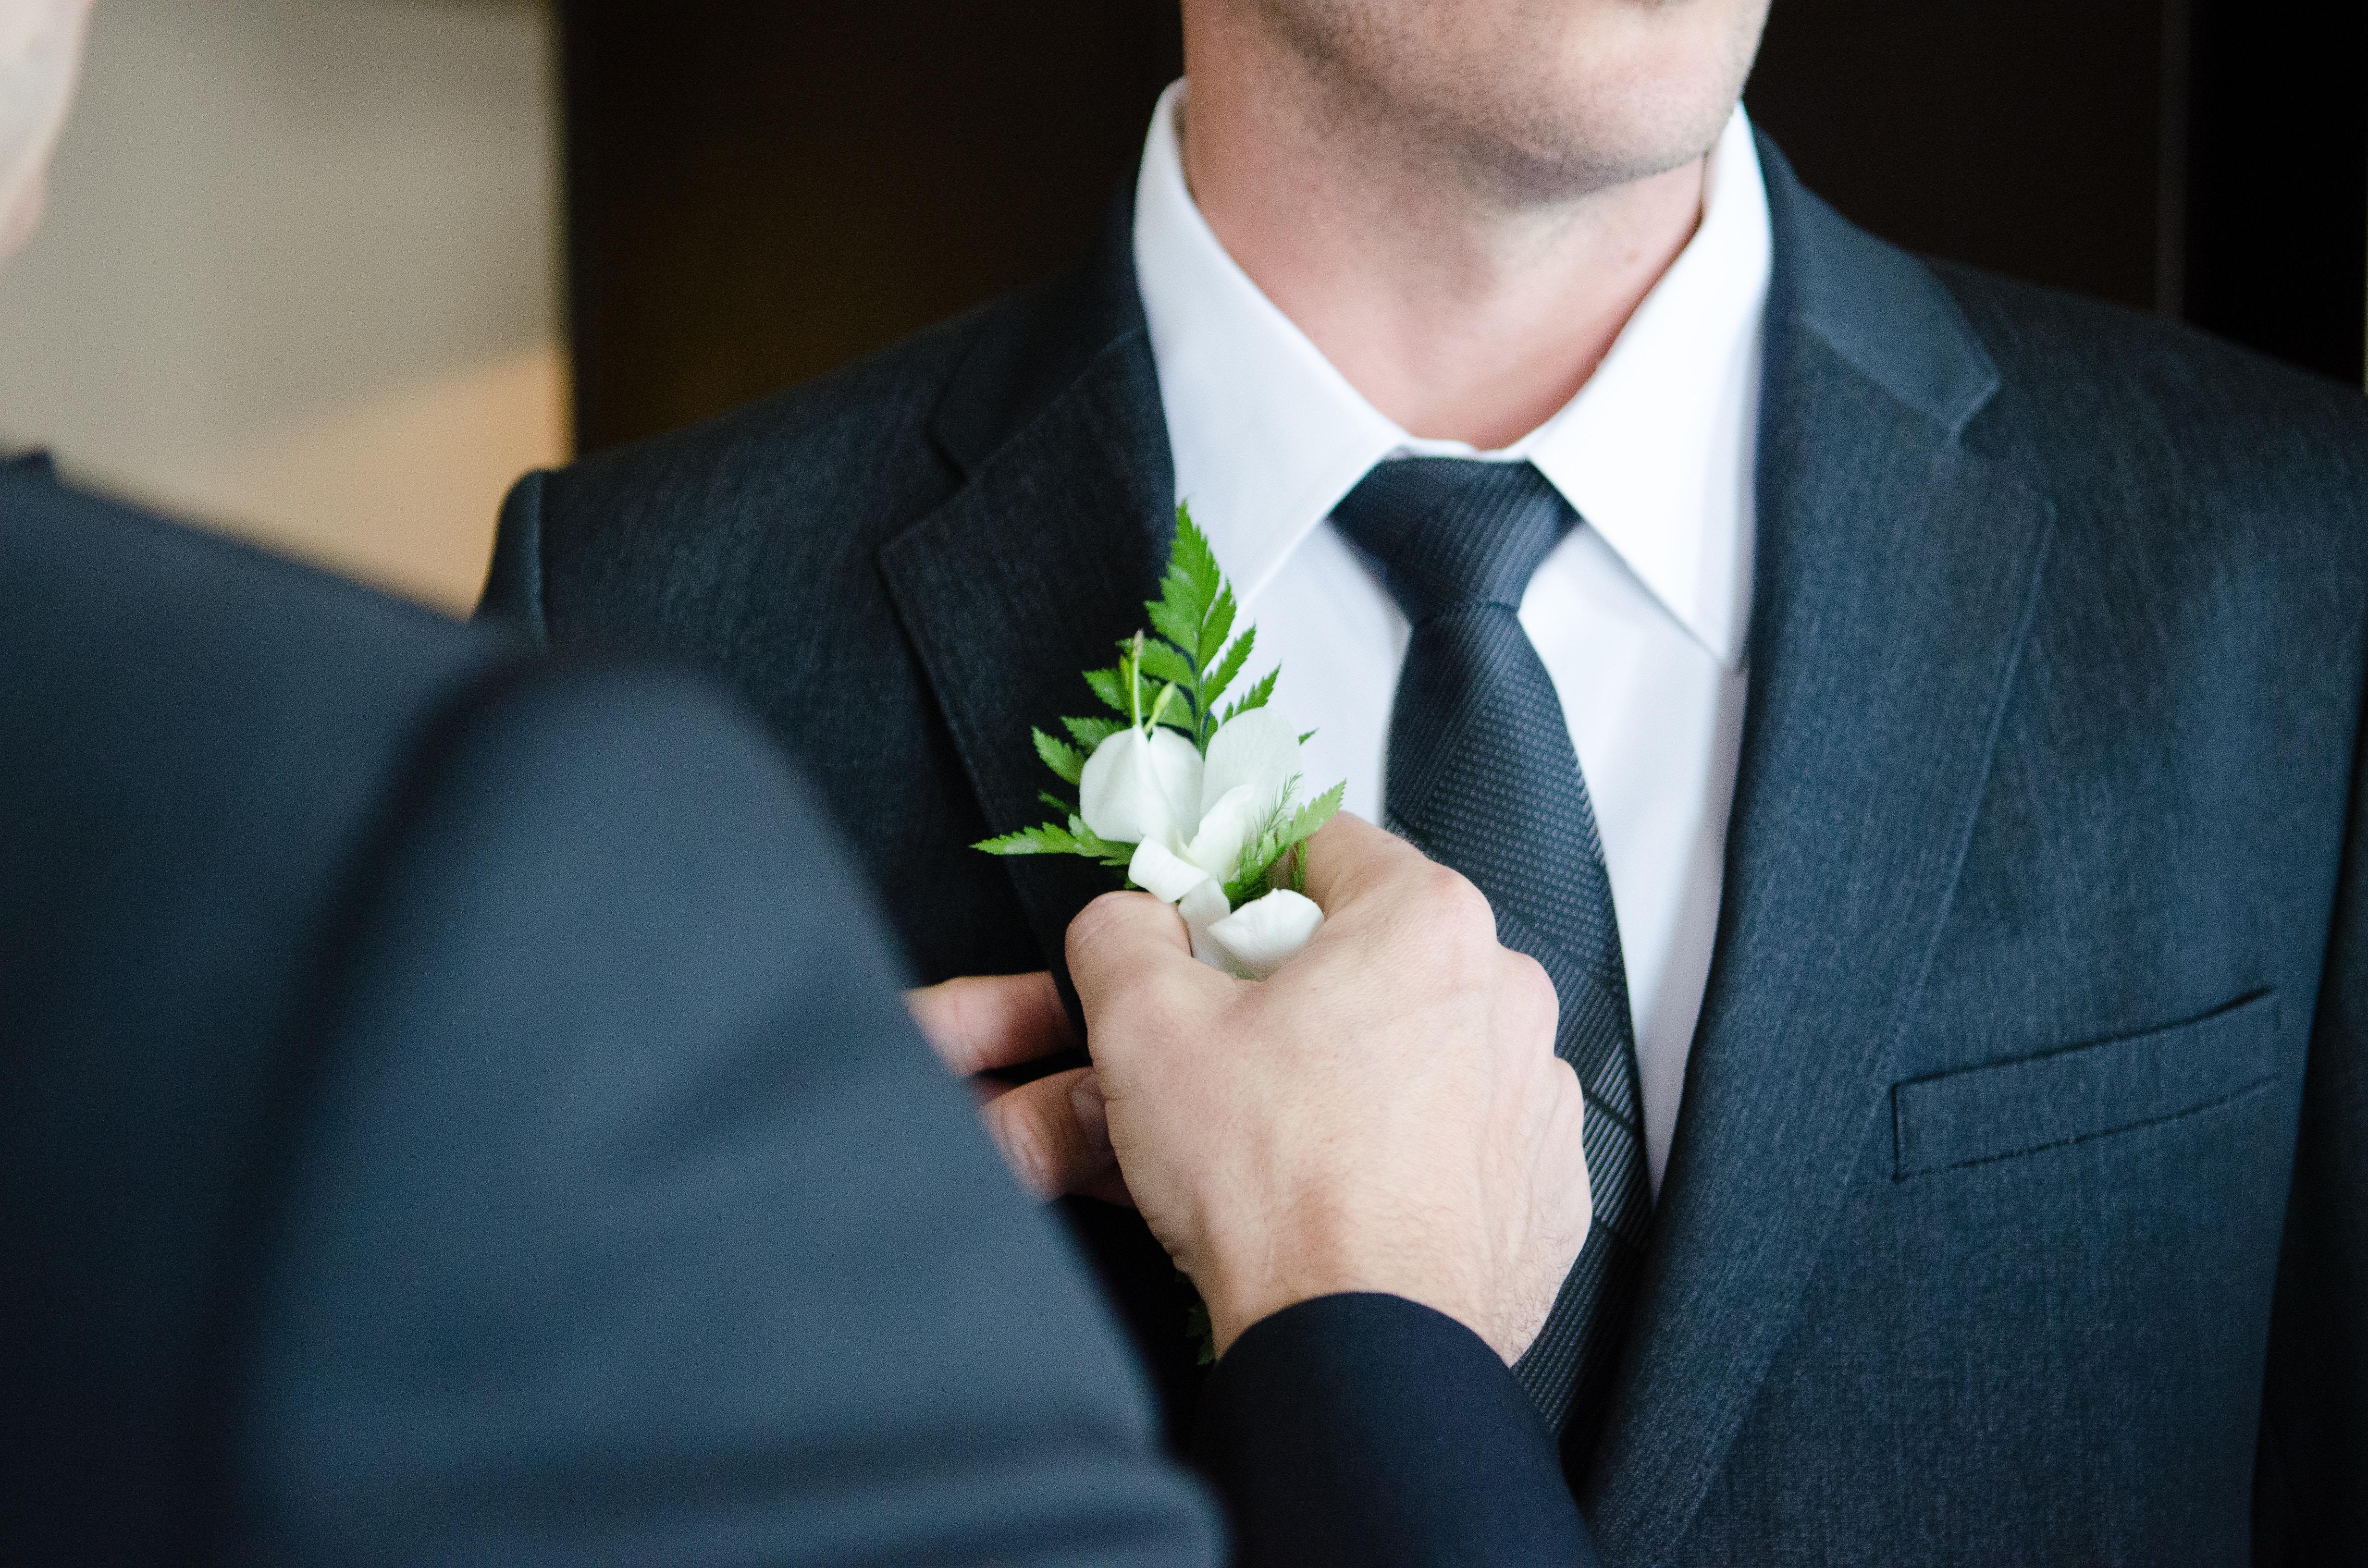 Matrimonio? A sorpresa!